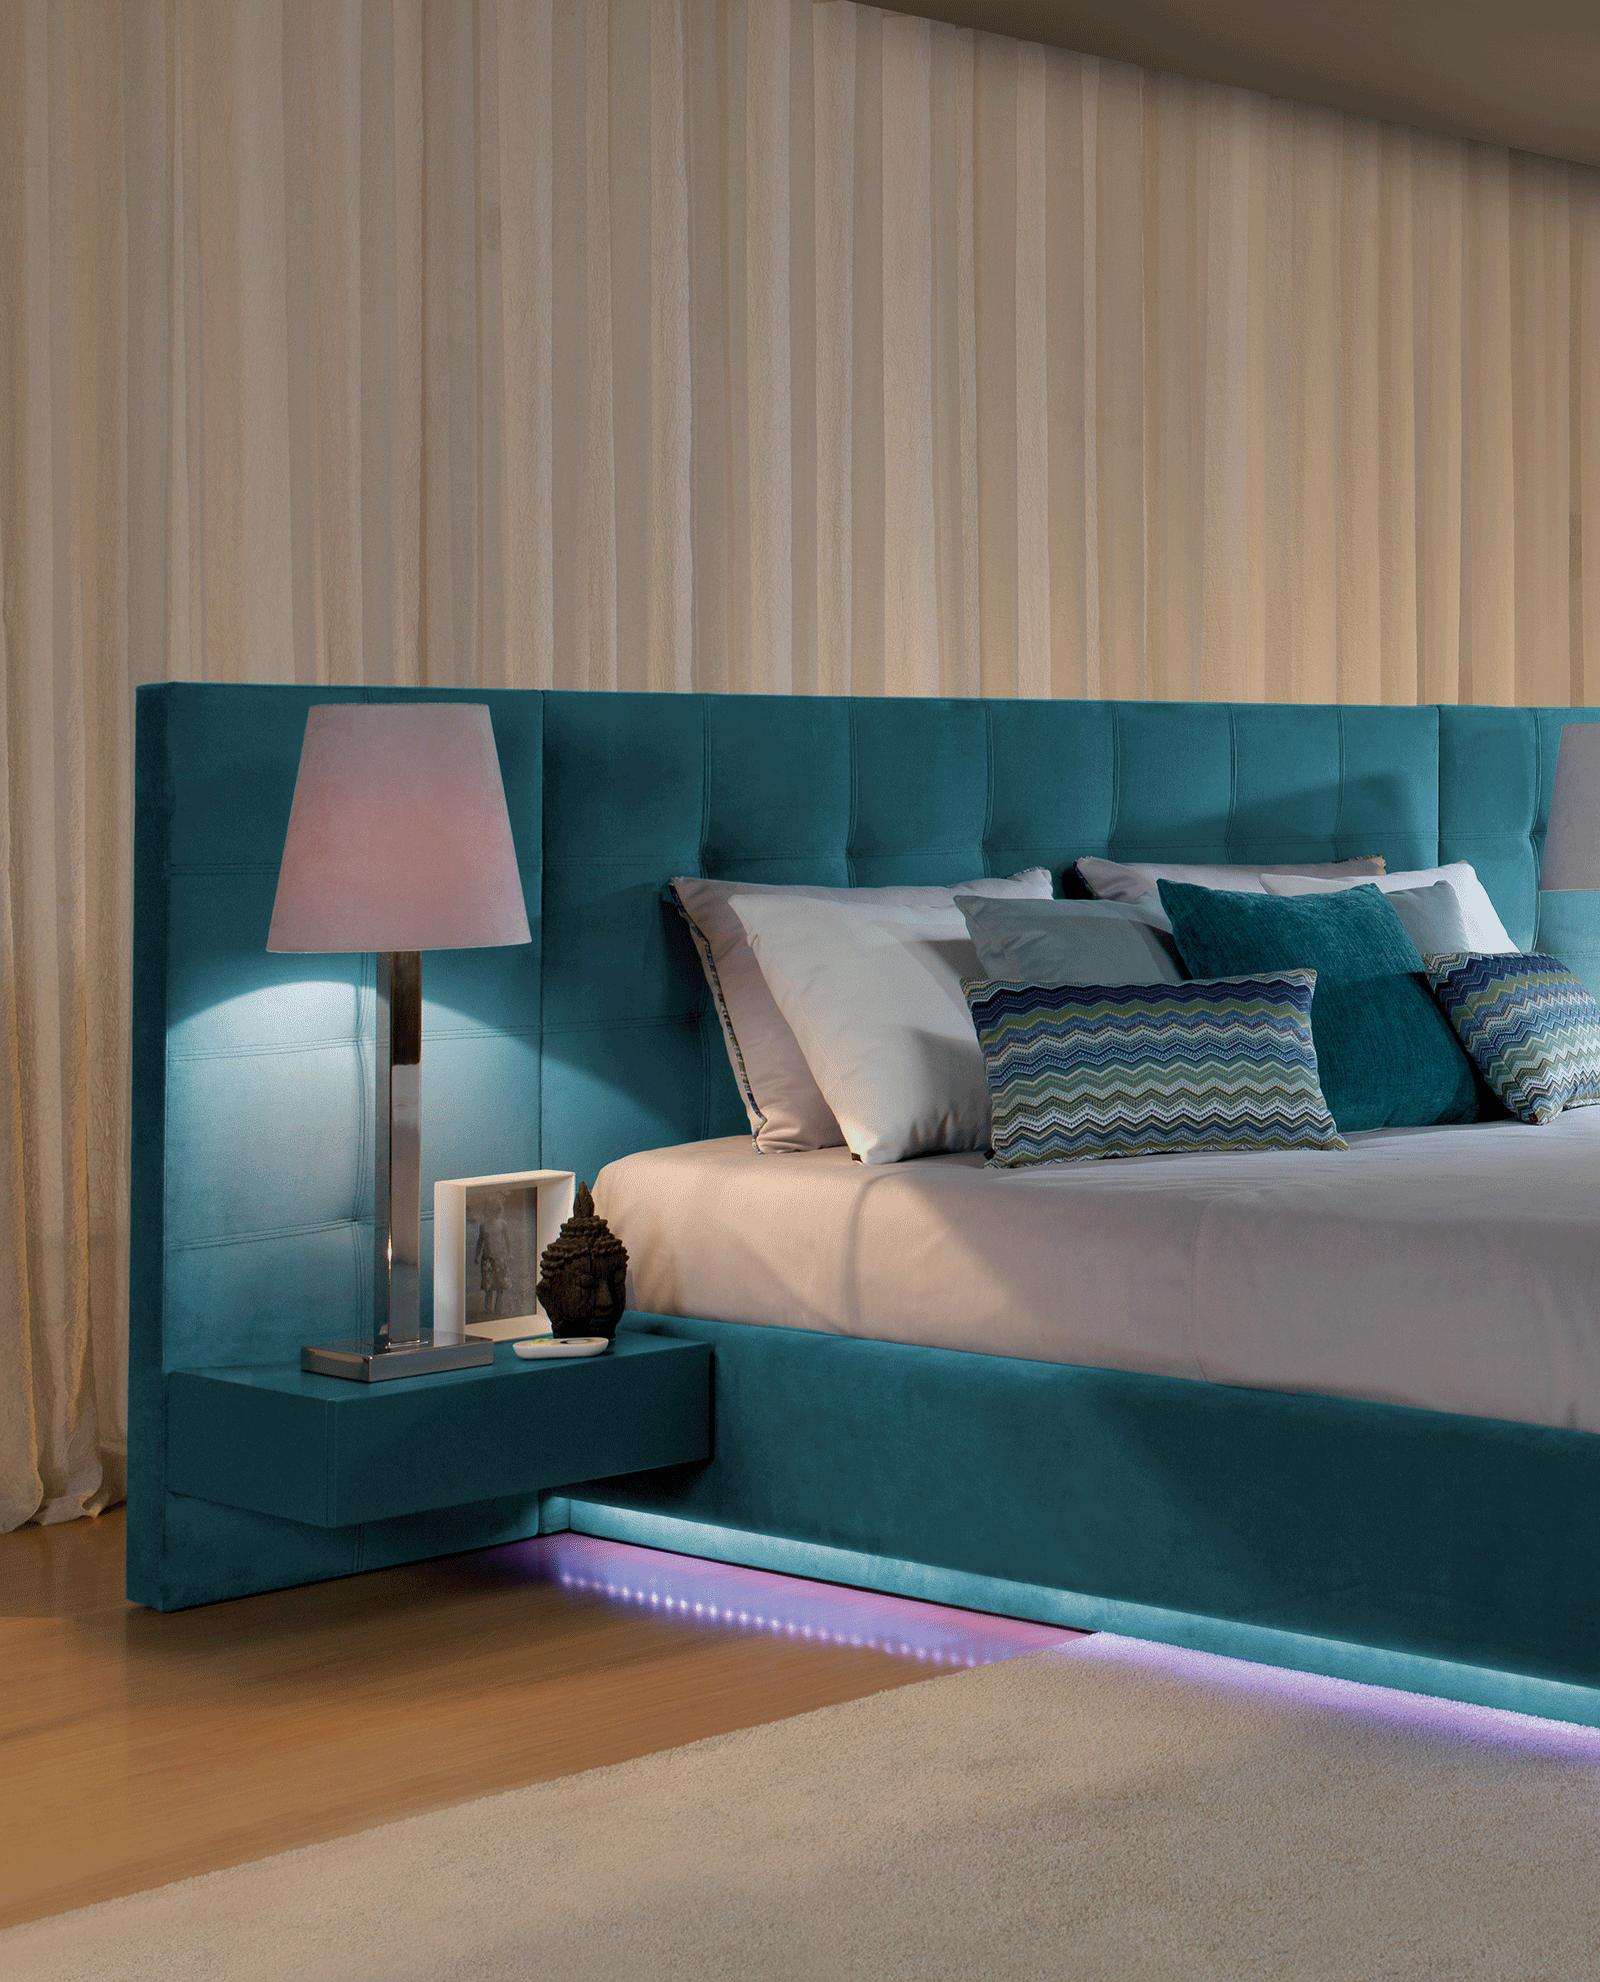 Dormitorio Con Cabecero En Tonalidades Grises Y Blancos Y  # Muebles Kazzano Que Opinion Teneis